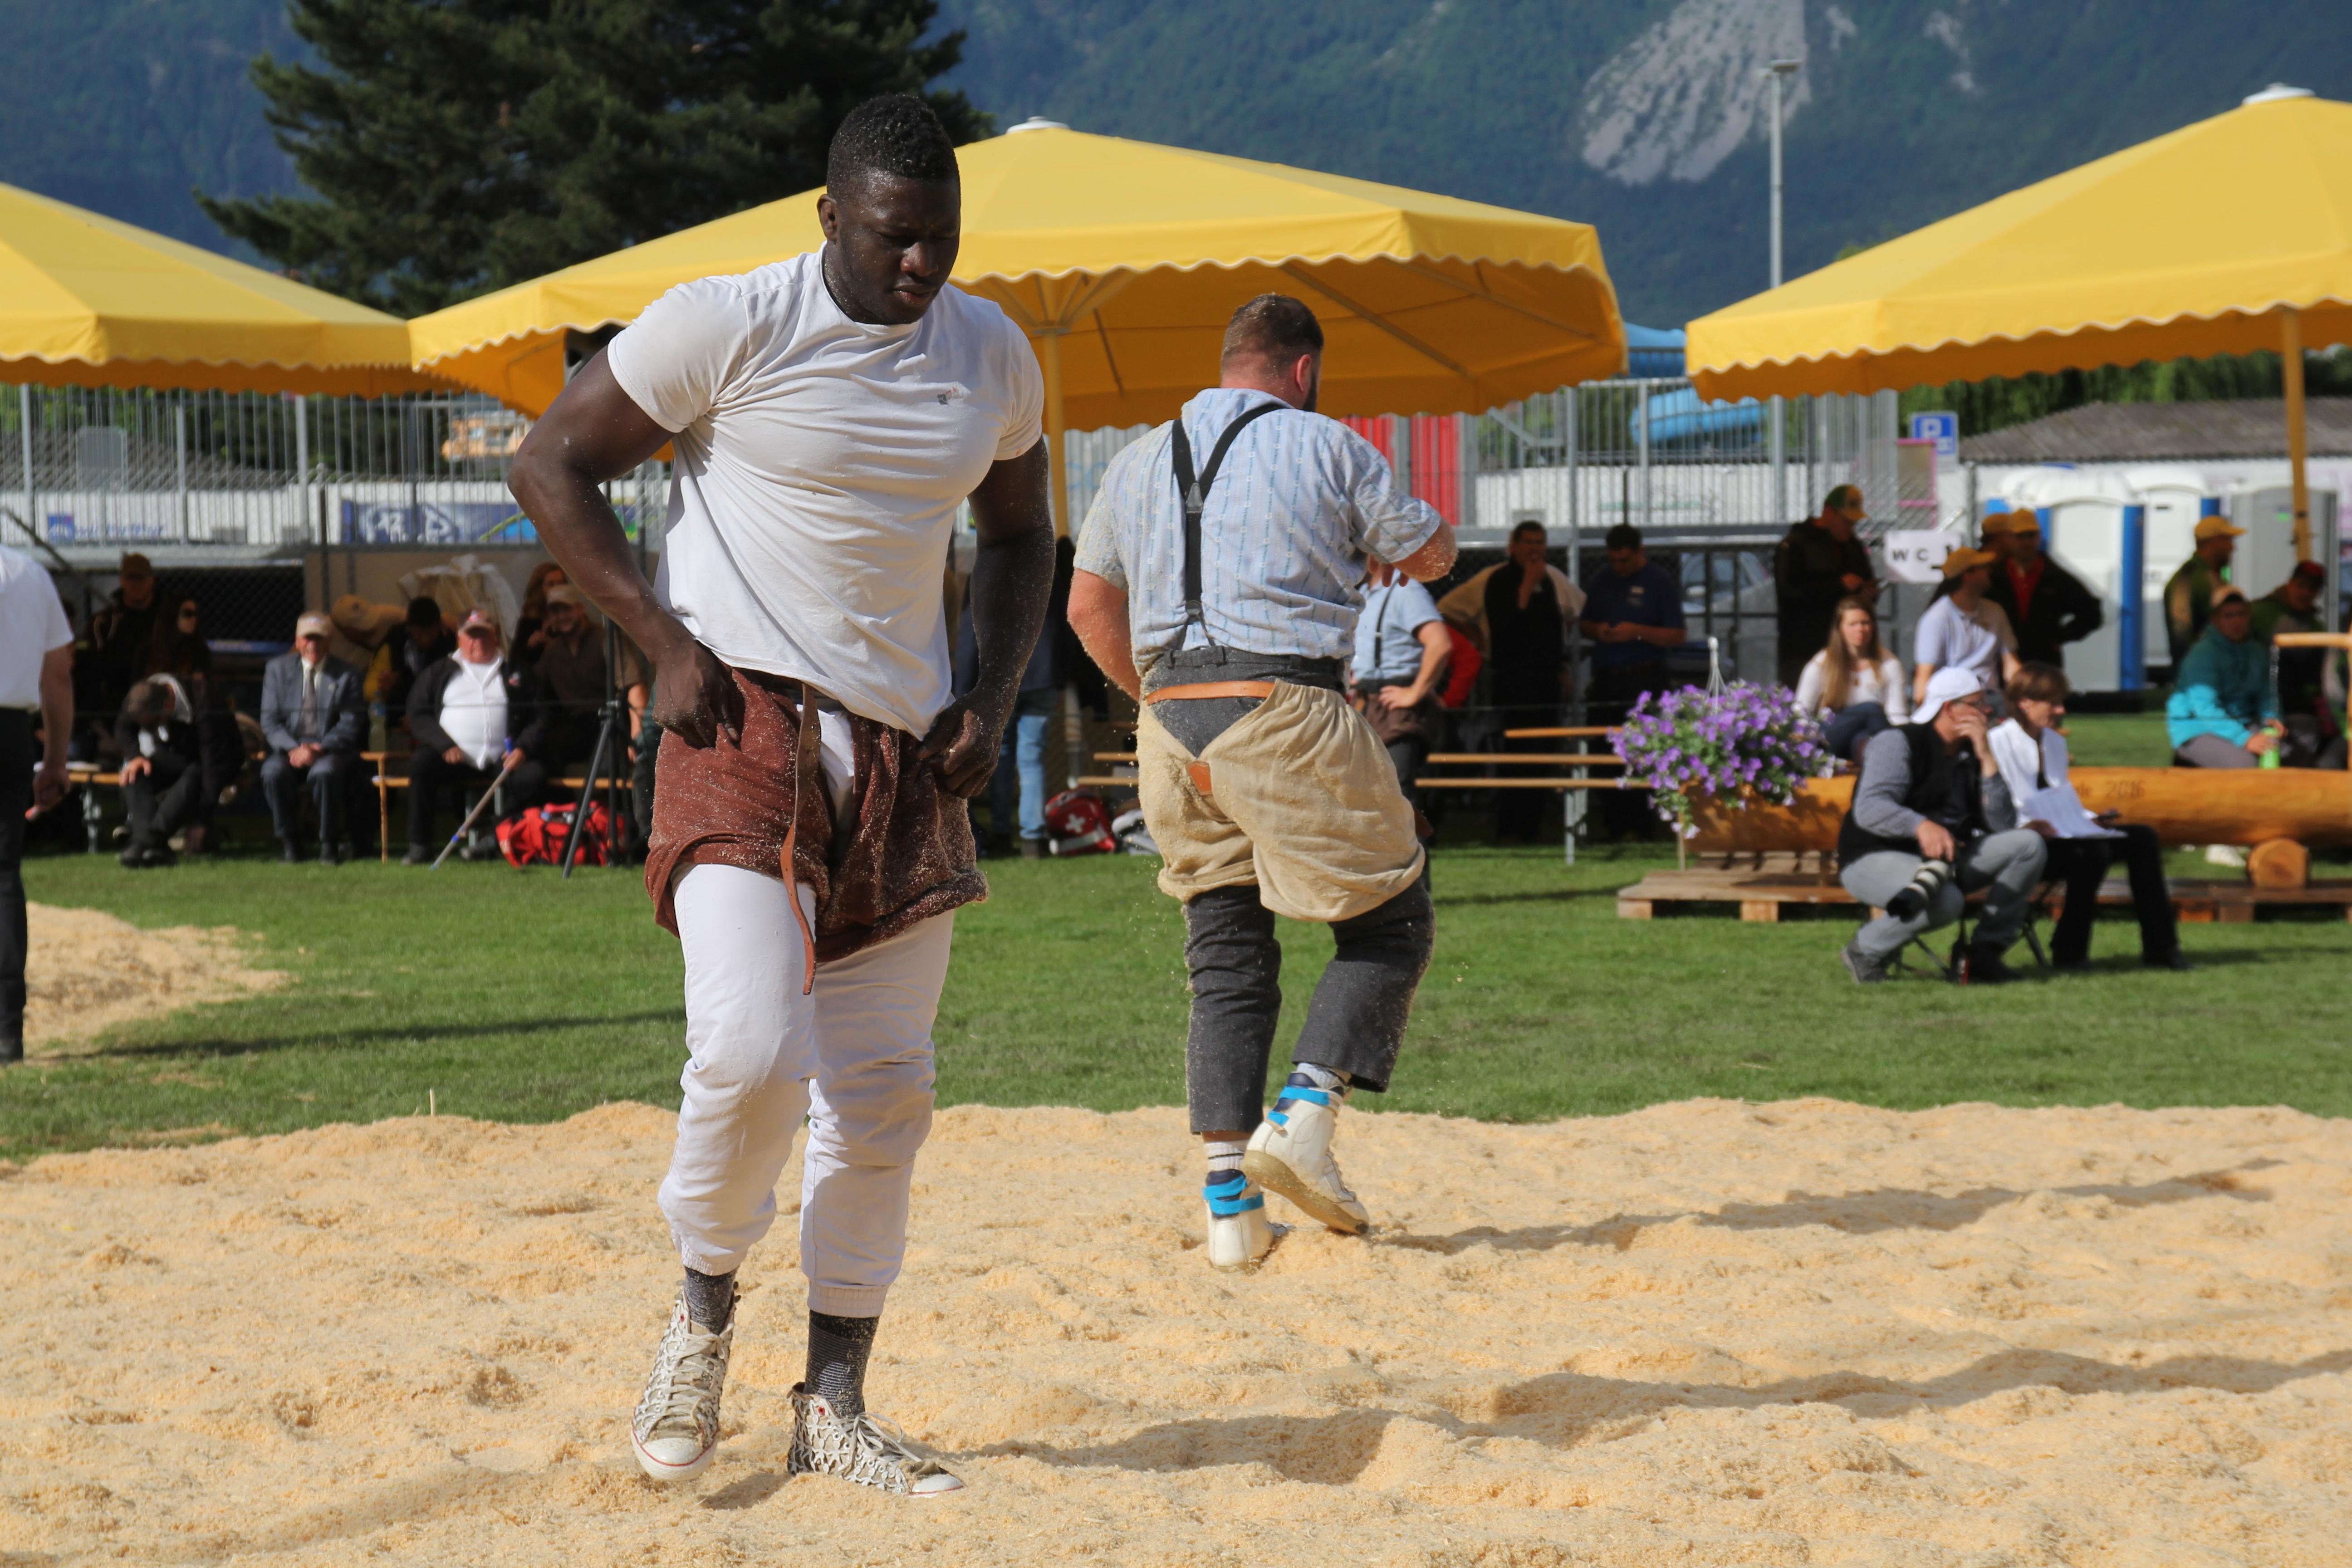 La suisse a besoin d 39 une f te comme celle de la lutte for Interieur sport lutte senegalaise